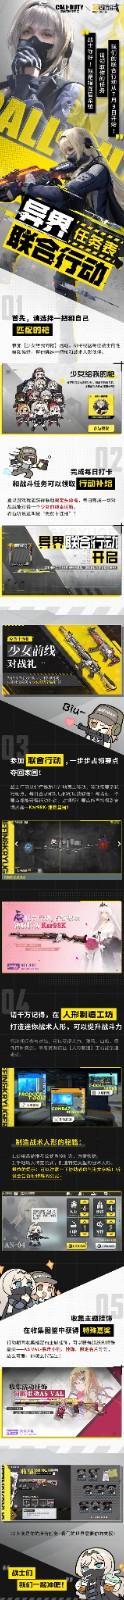 《使命召唤手游》7月预告 | 异界联合行动一站式导游,和少女一起玩转一夏!